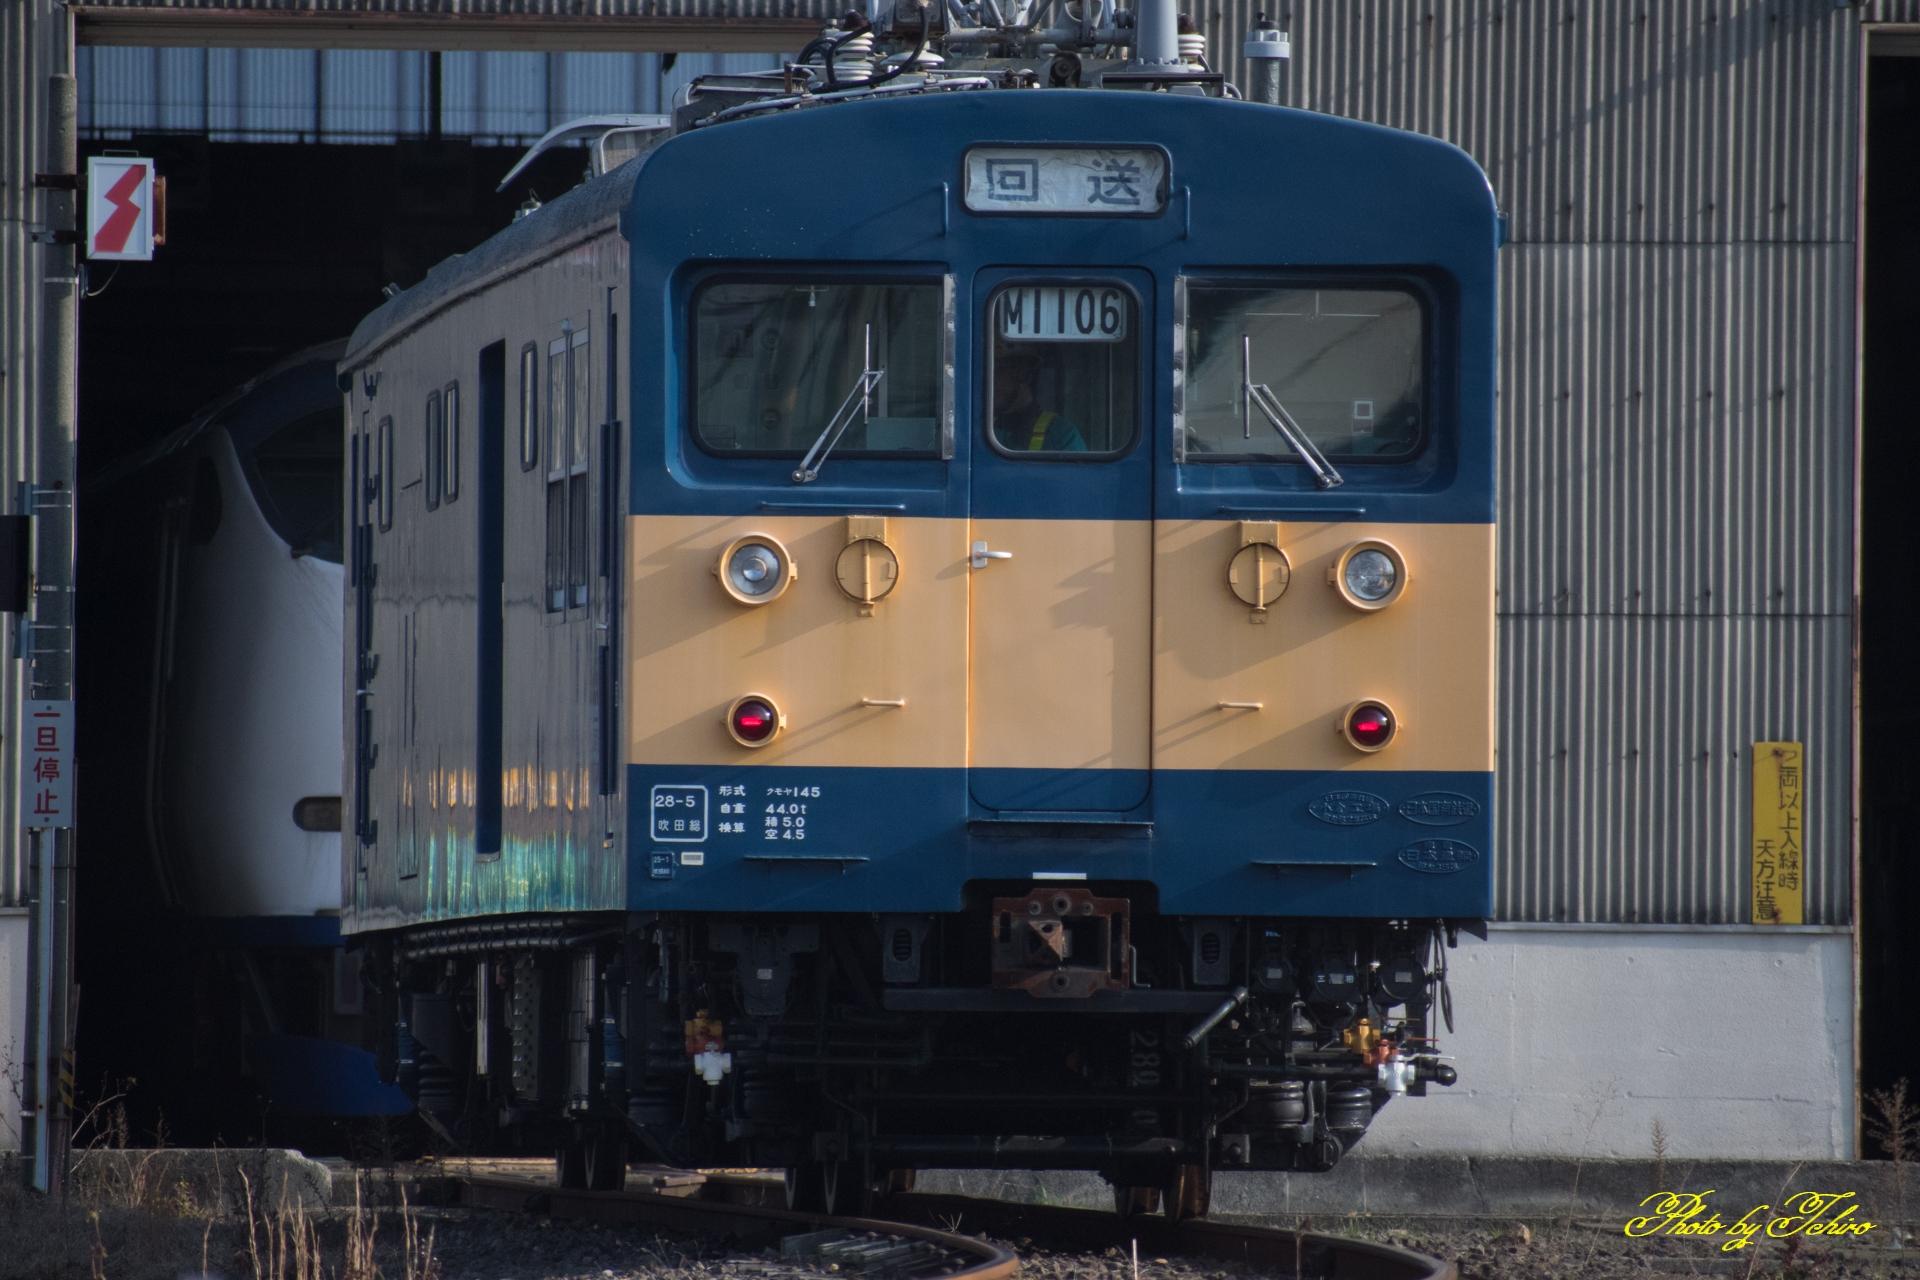 DSC_3165-1920wn.jpg